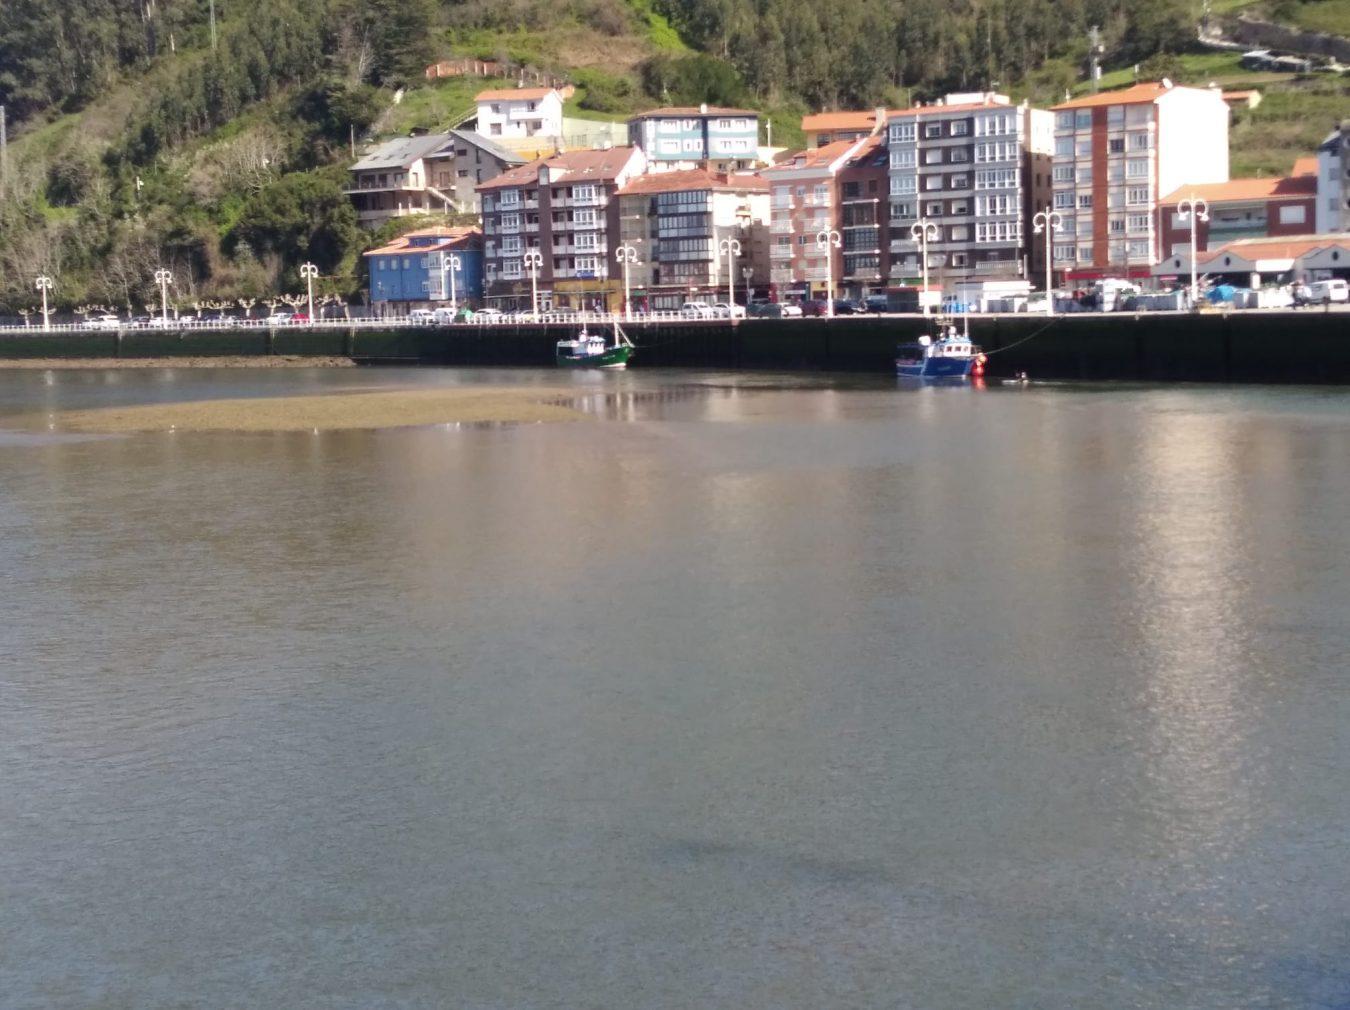 Ciudadanos pedirá la inclusión del dragado del puerto de Ribadesella en los presupuestos asturianos de 2021